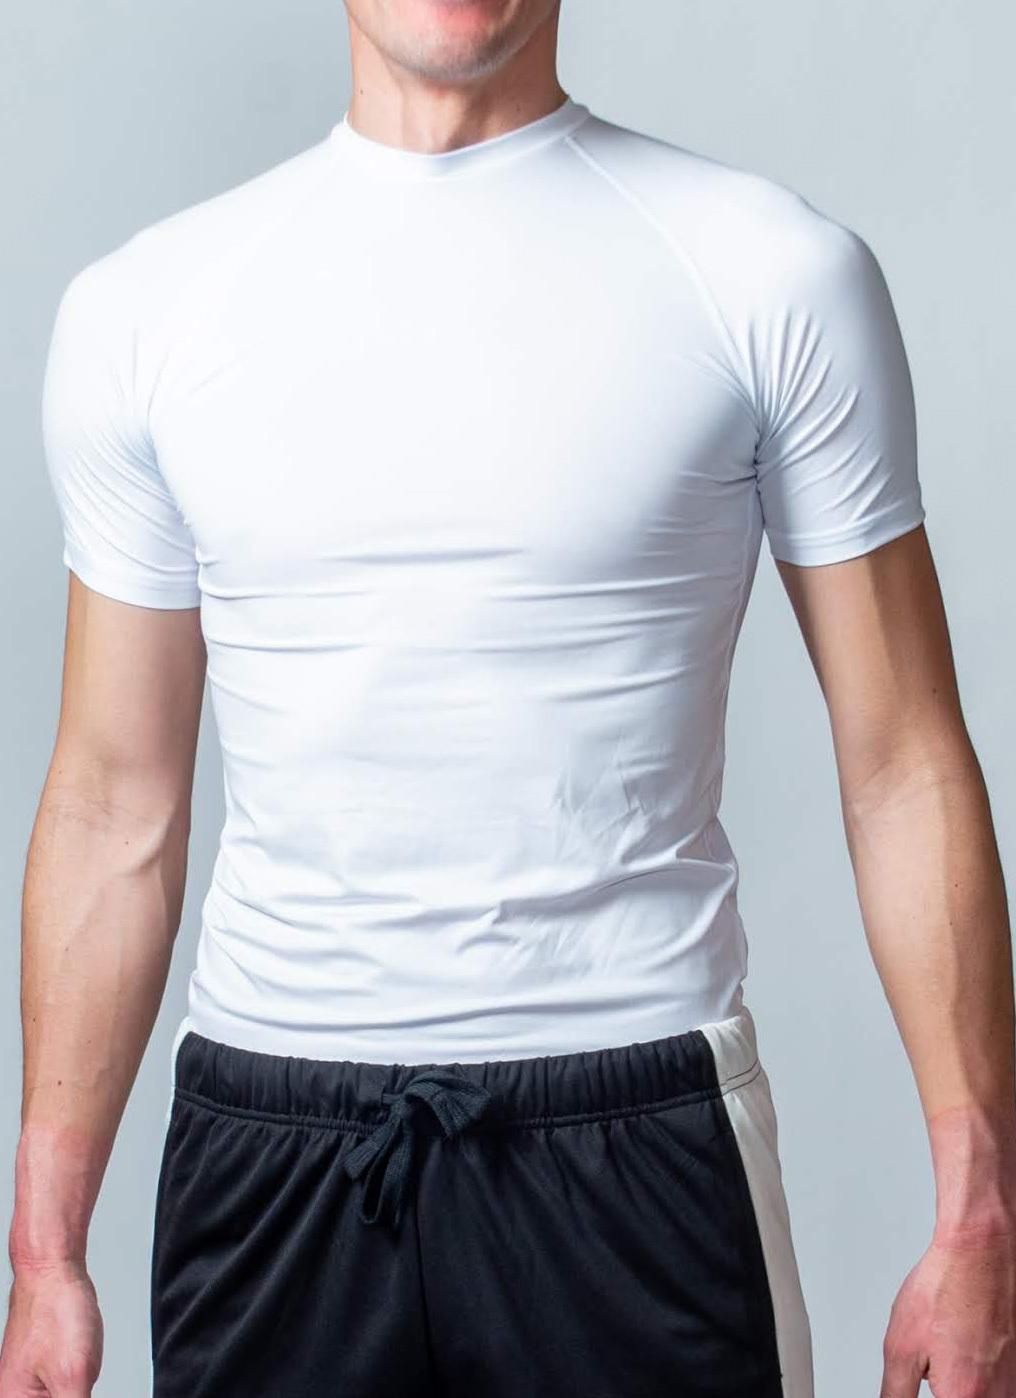 トレーニング時の動きをサポート「コンプレッションウェア(半袖)」 (ホワイト)